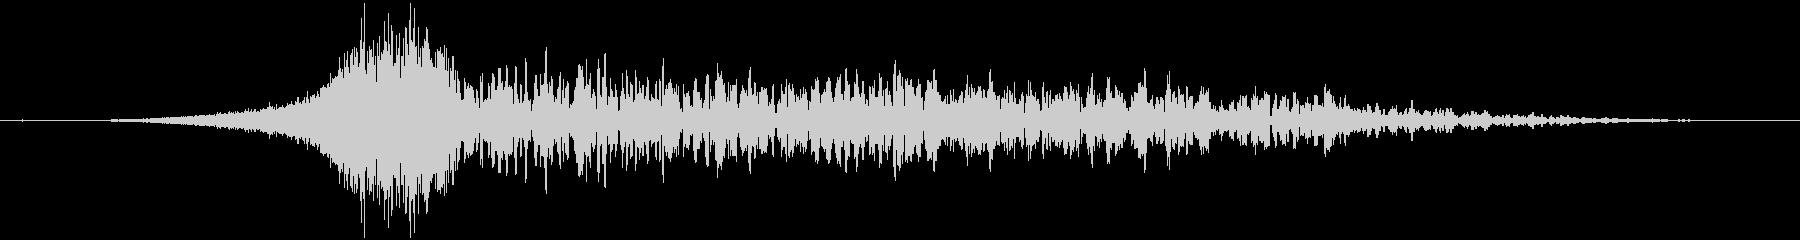 シューンどん:上昇して爆発する音の未再生の波形